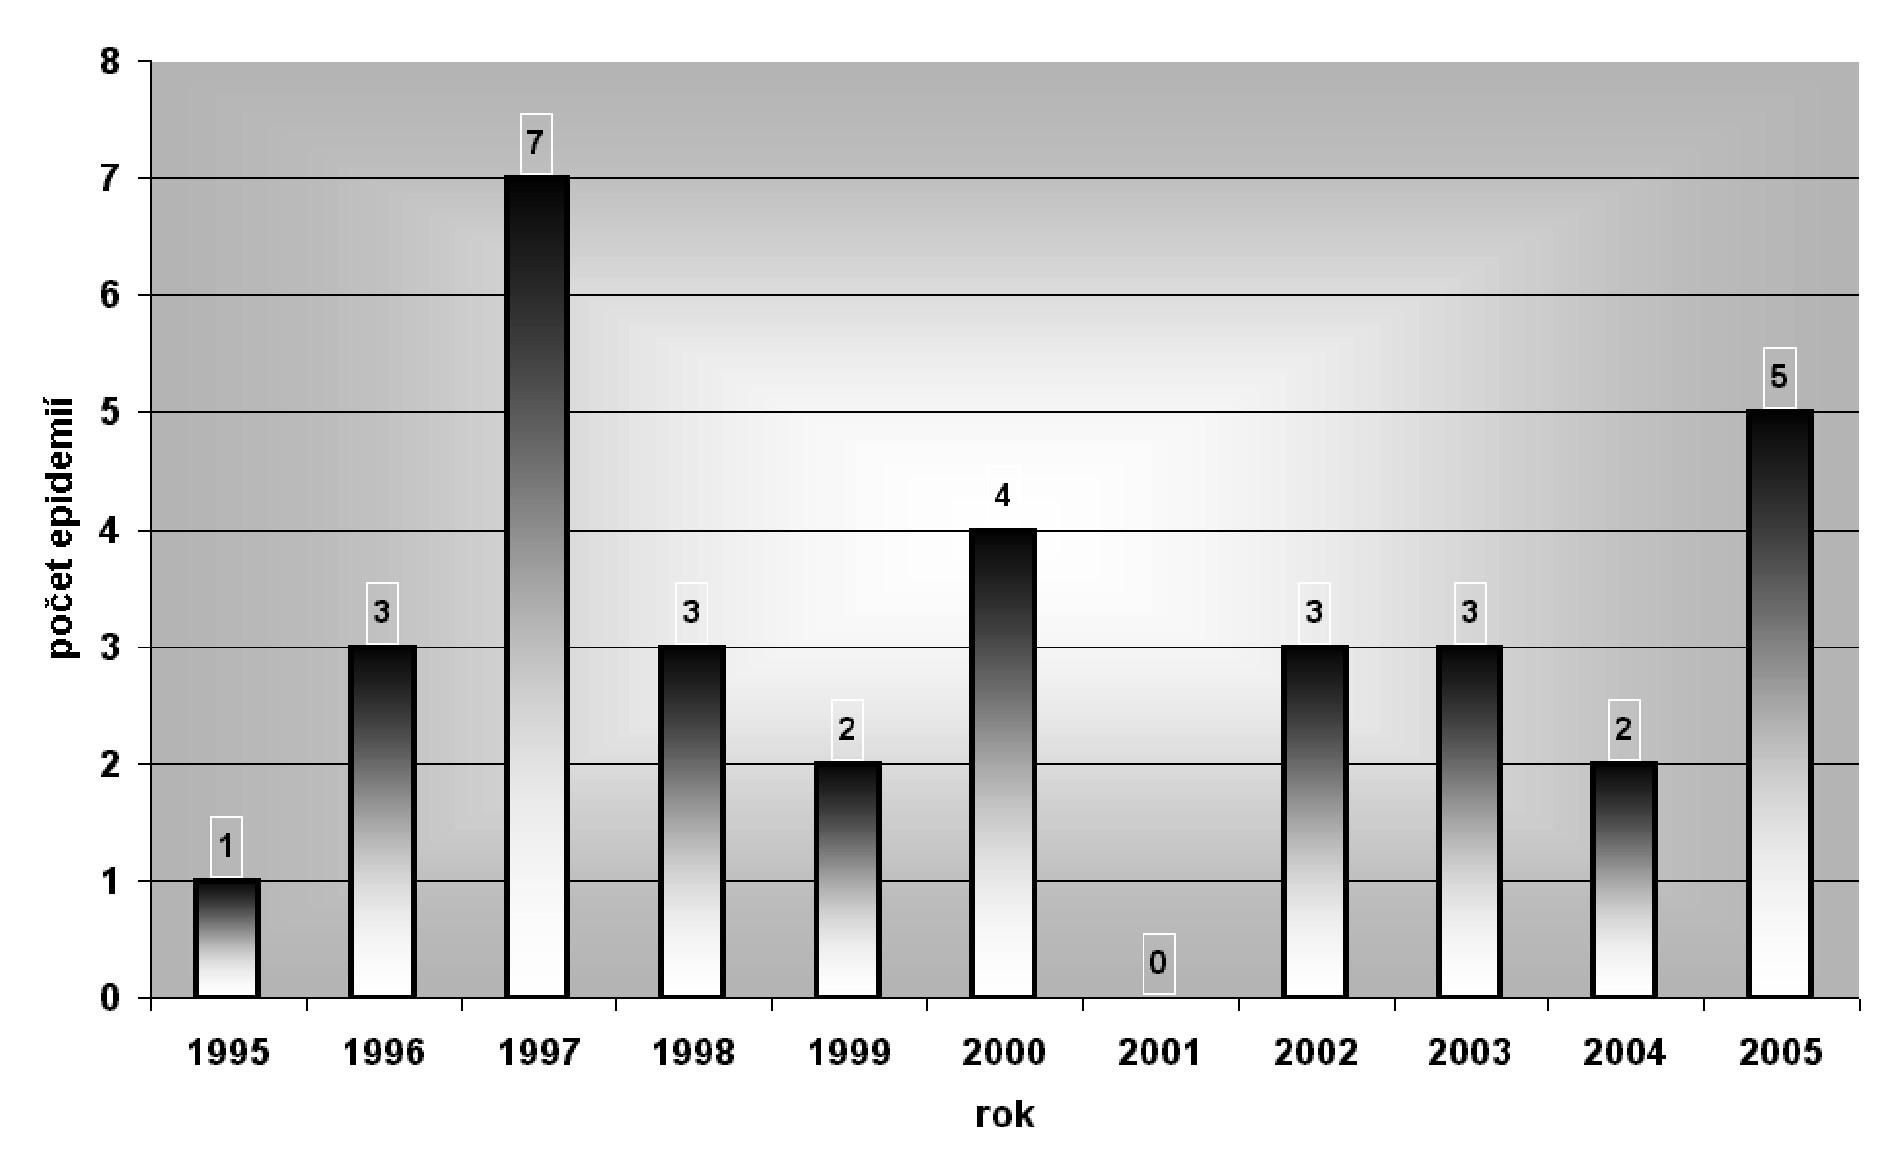 Výskyt epidemií vodou přenosných chorob podle jednotlivých let. Česká republika, 1995 – 2005. Celkový počet epidemií: 33 Fig. 3. Waterborne diseases outbreaks by year. Czech Republic, 1995 – 2005. Total of outbreaks: 33